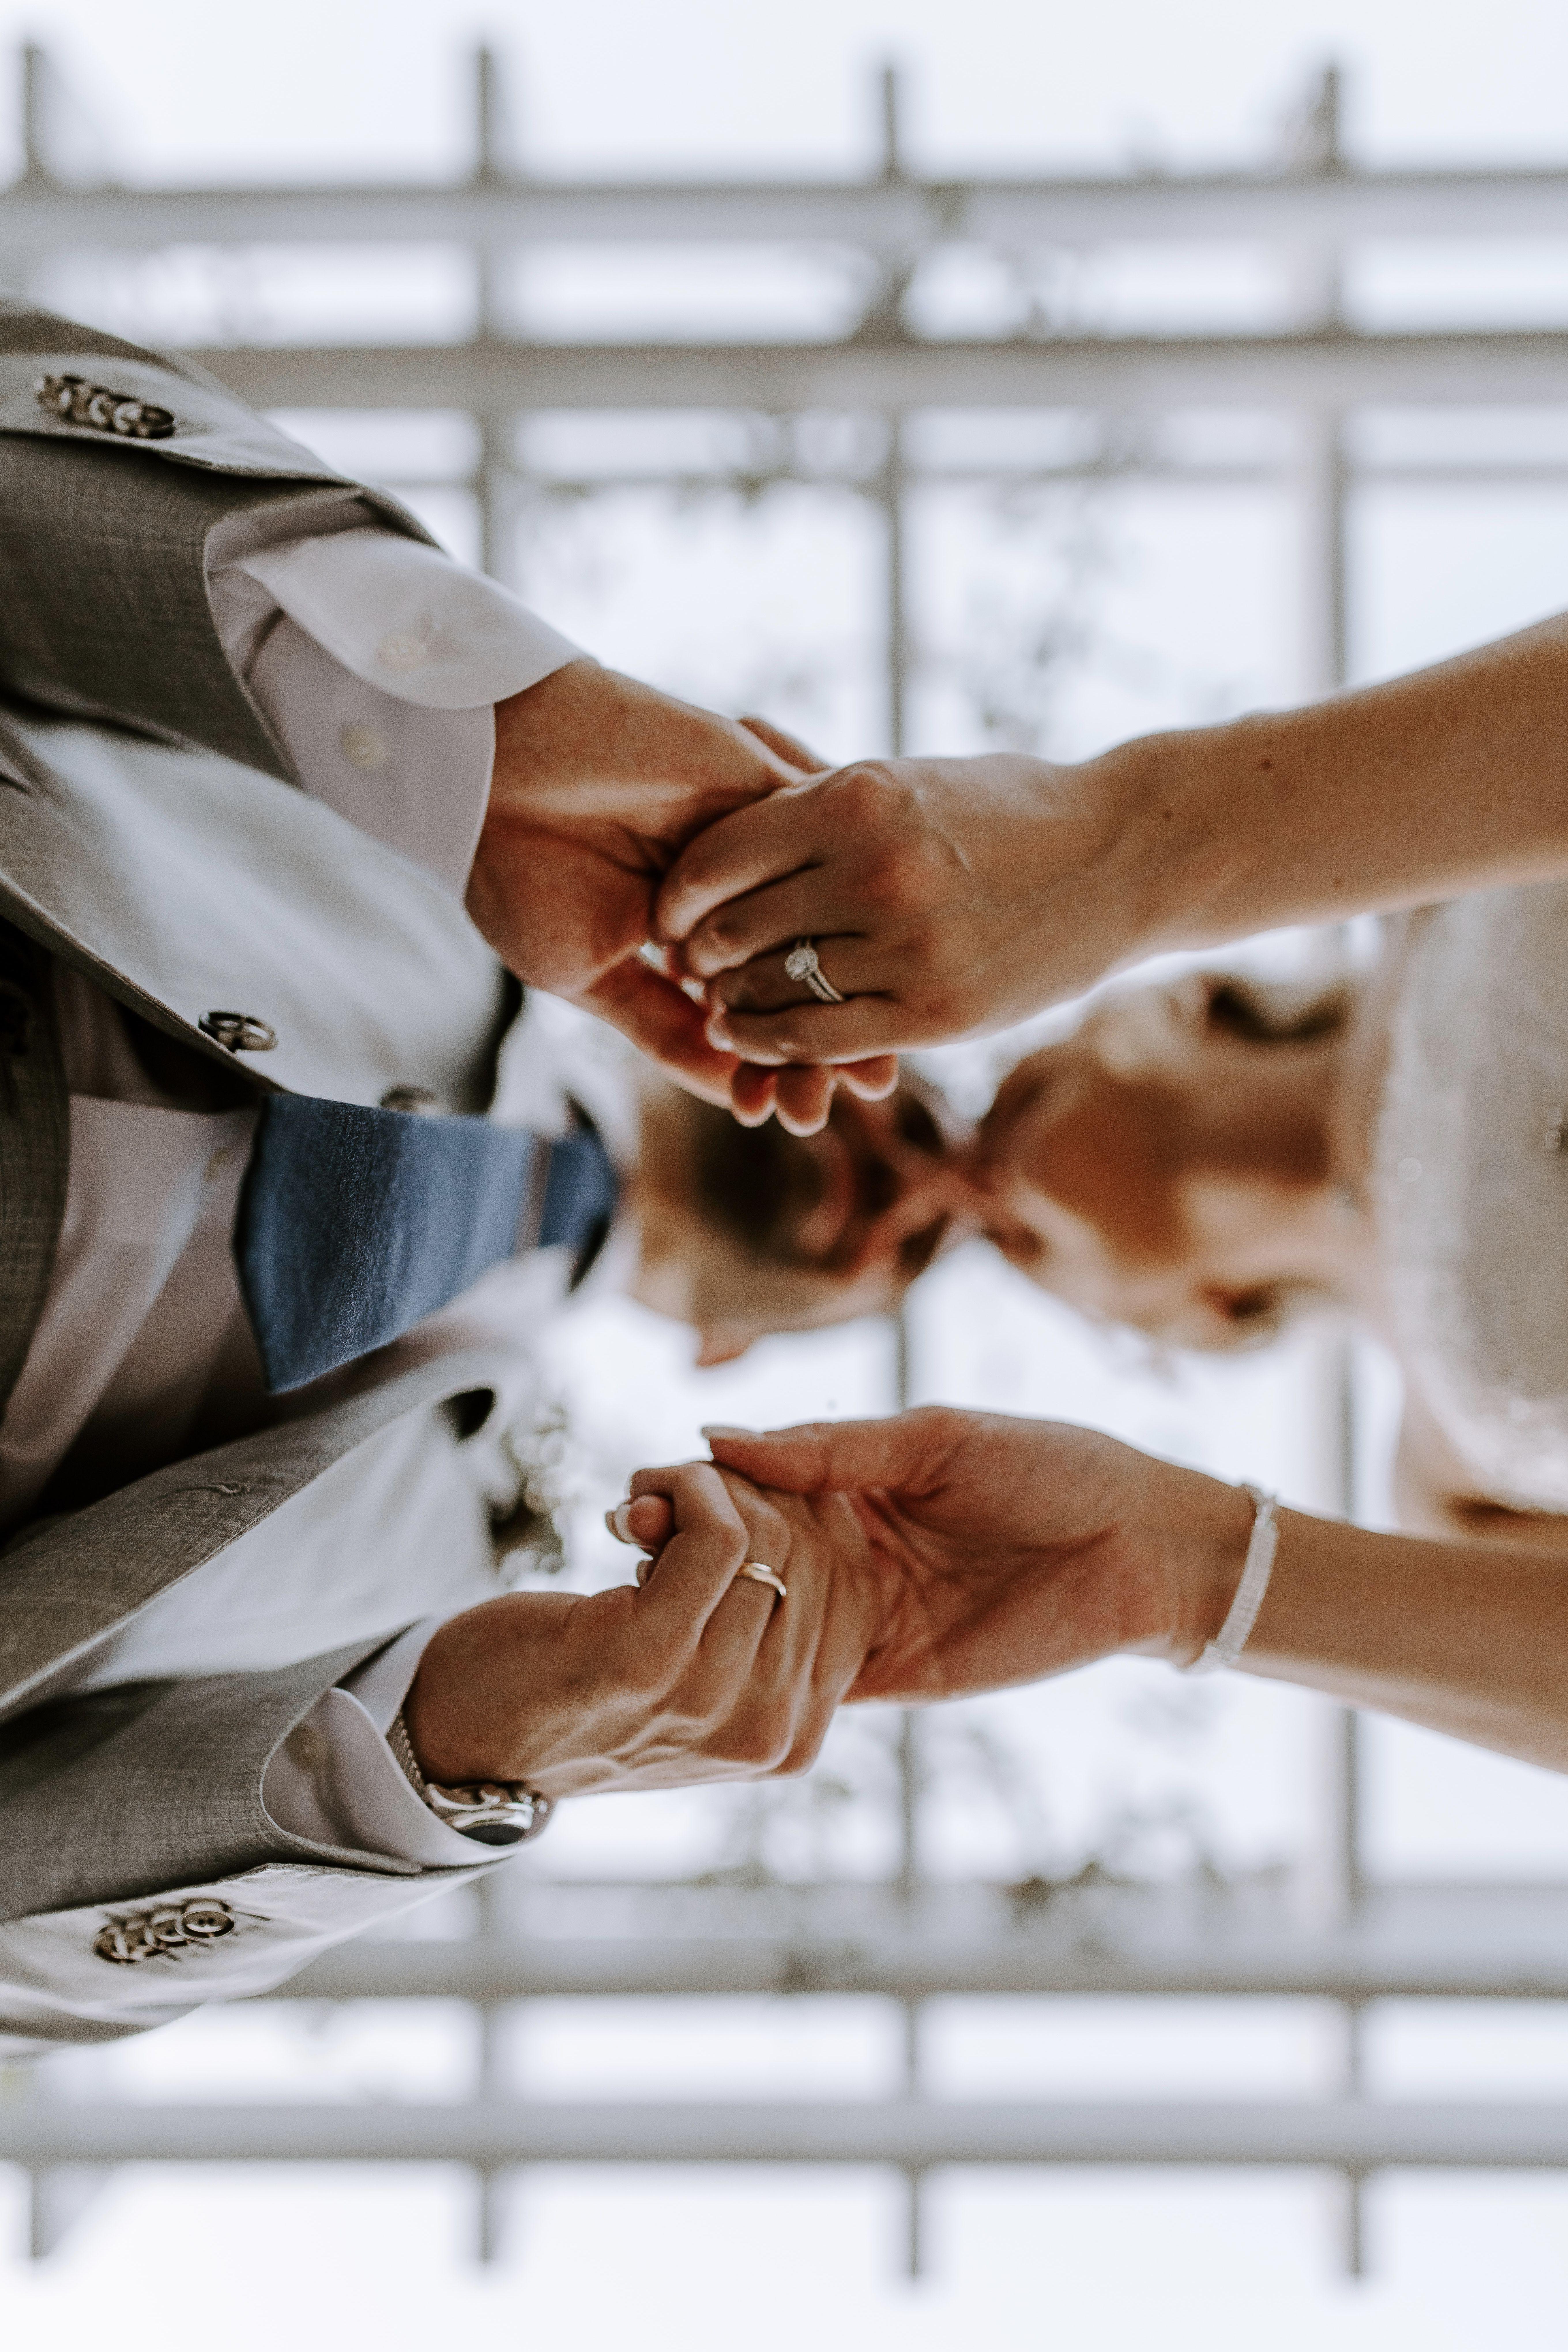 Neuste Bilder wedding photography  Ideen  Ein einfacher Weg to test ist bewegen ...  Neuste Bilder wedding photography  Ideen  Ein einfacher Weg to test ist bewegen über Ihre Finanzen #bewegen #Bilder #ein #einfacher #Ideen #ist #Neuste #photography #Test #Wedding #Weg